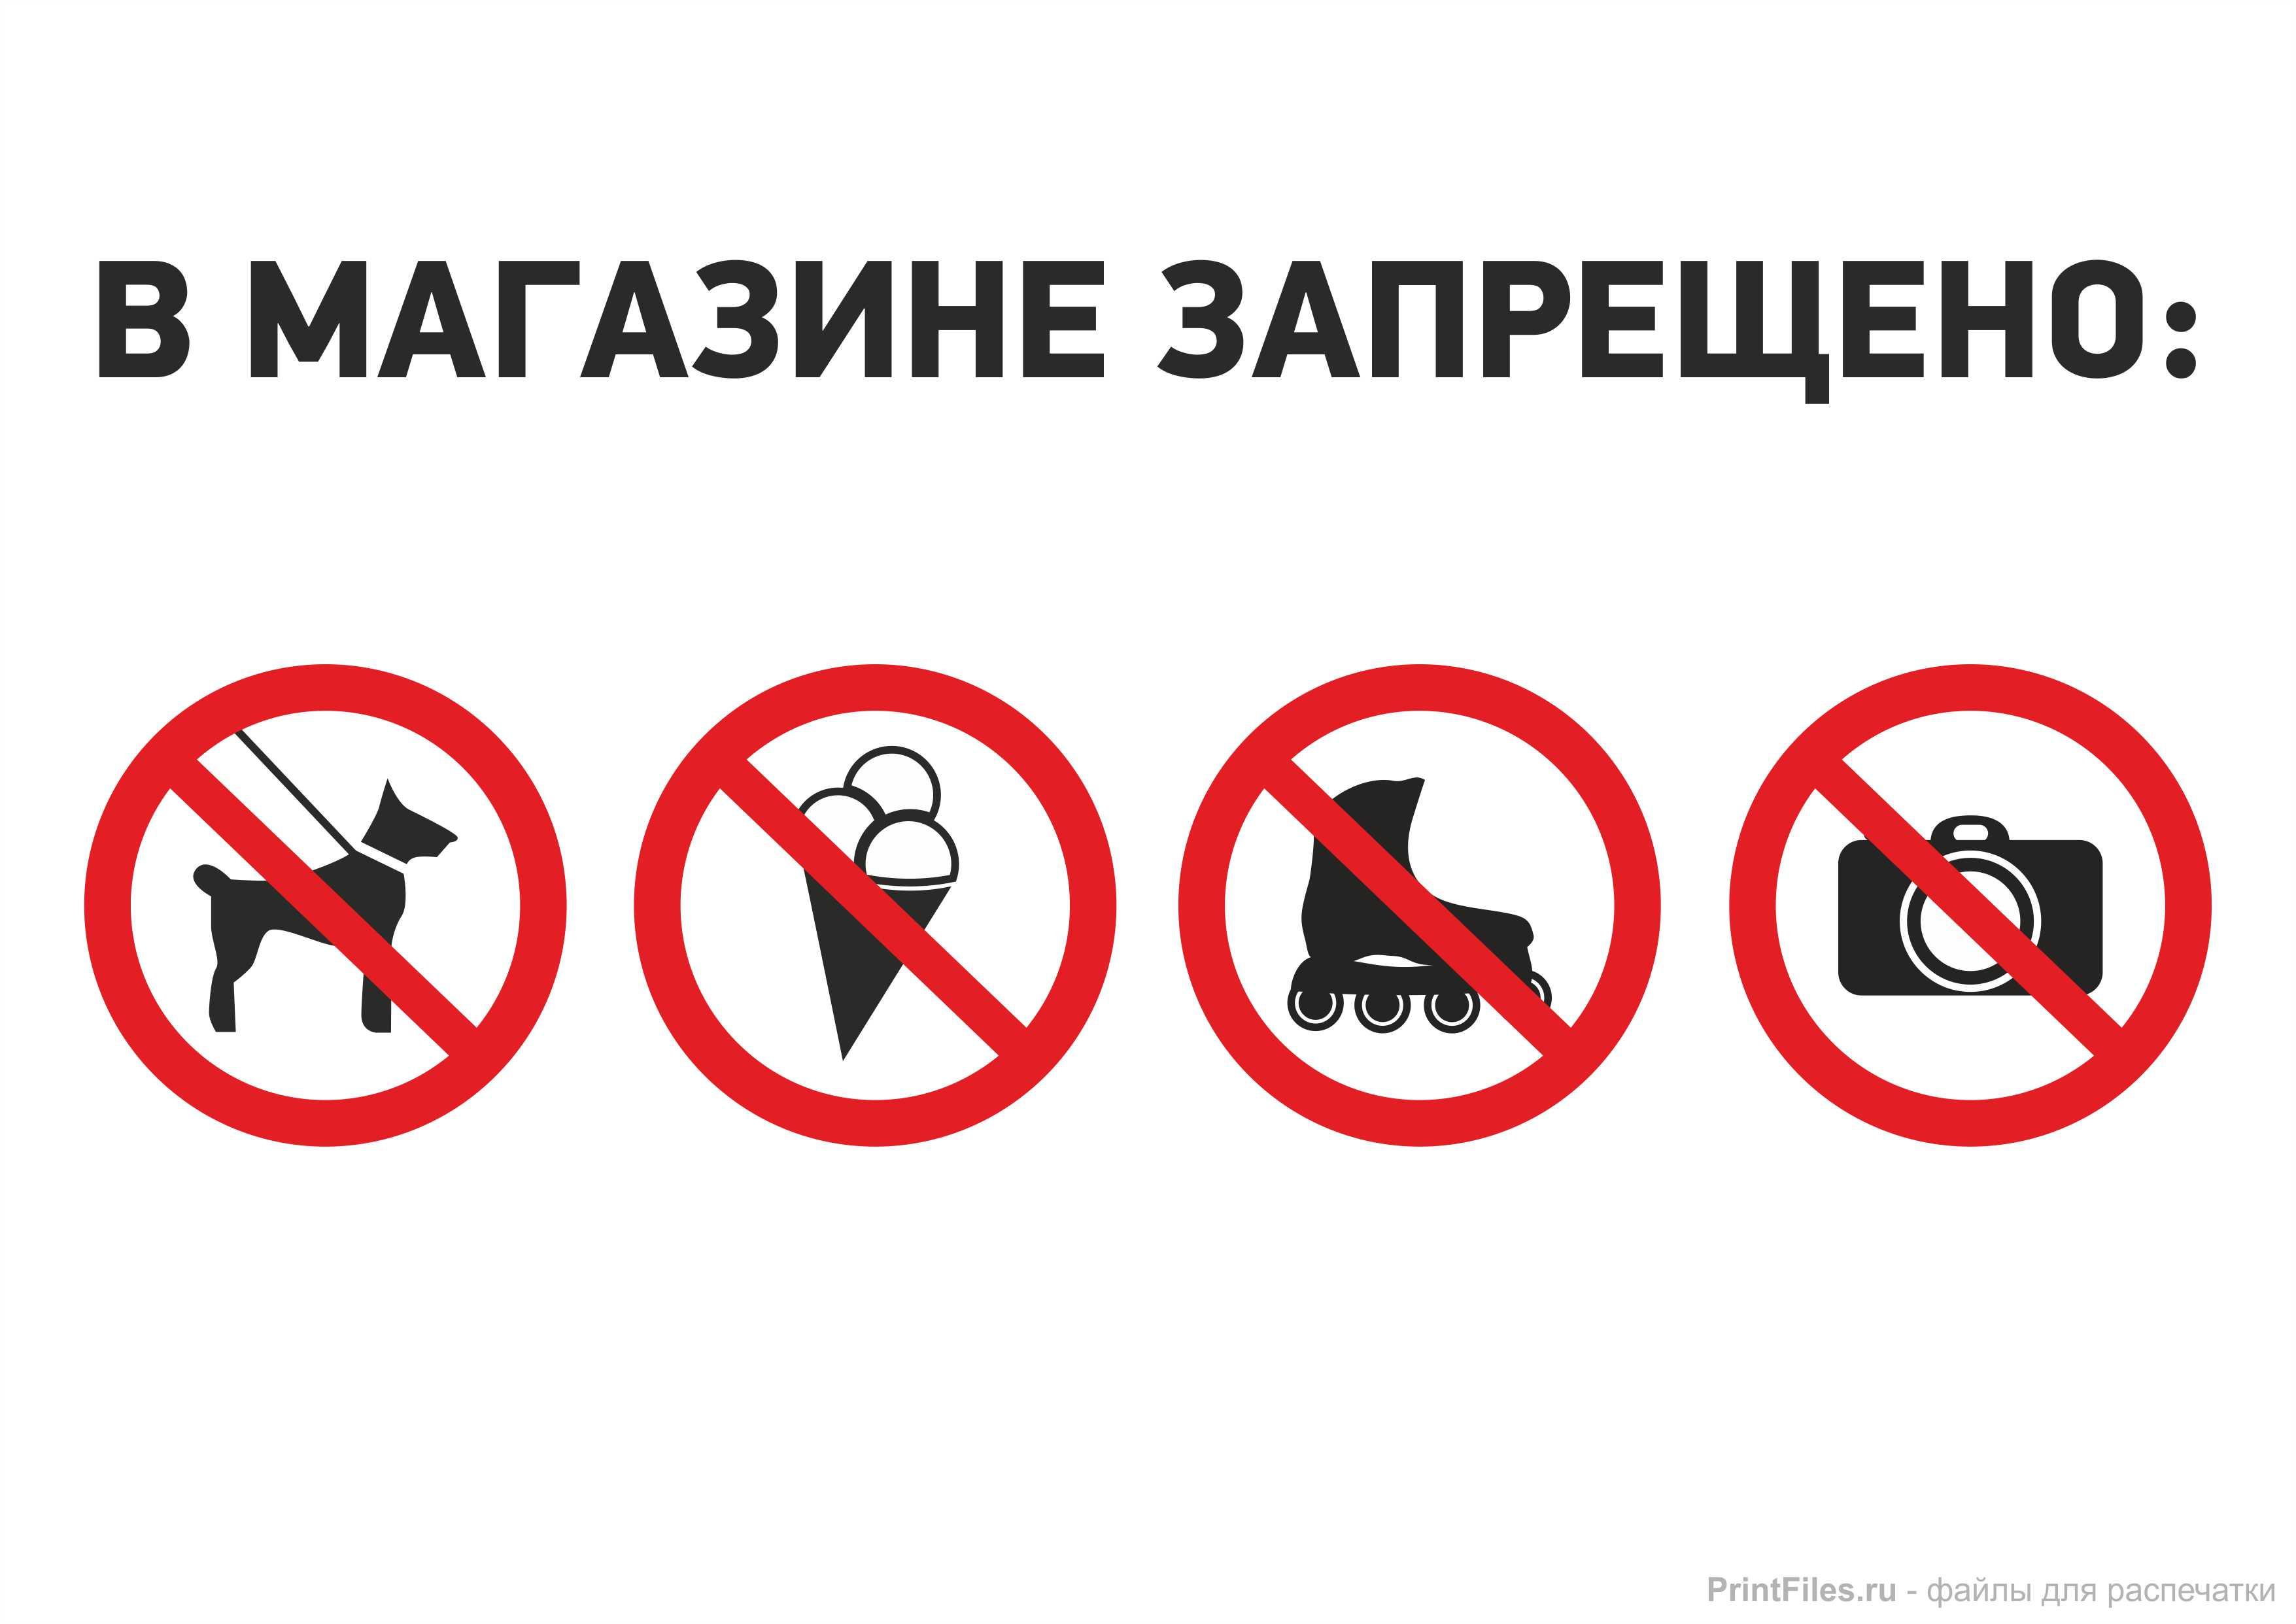 Открытки аппликации, смешная картинка вход собаке с мороженным и на роликах запрещен